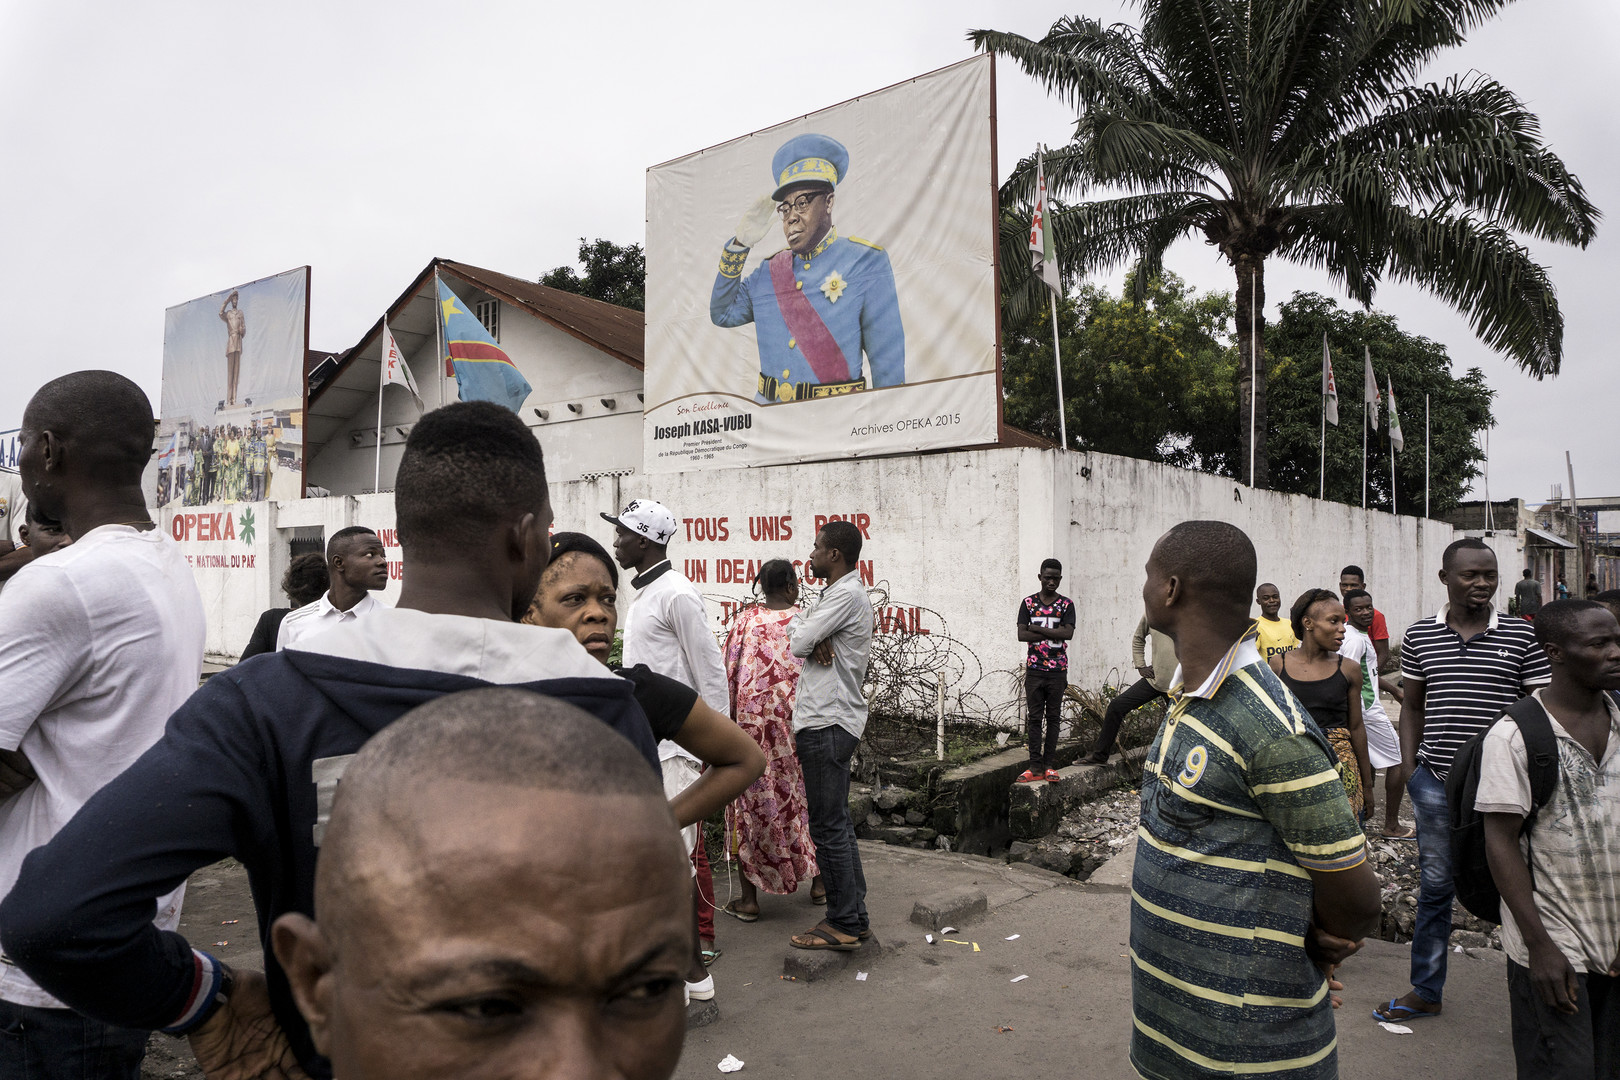 Nouvelle marche contre Joseph Kabila réprimée à Kinshasa, au moins cinq morts selon l'ONU (IMAGES)